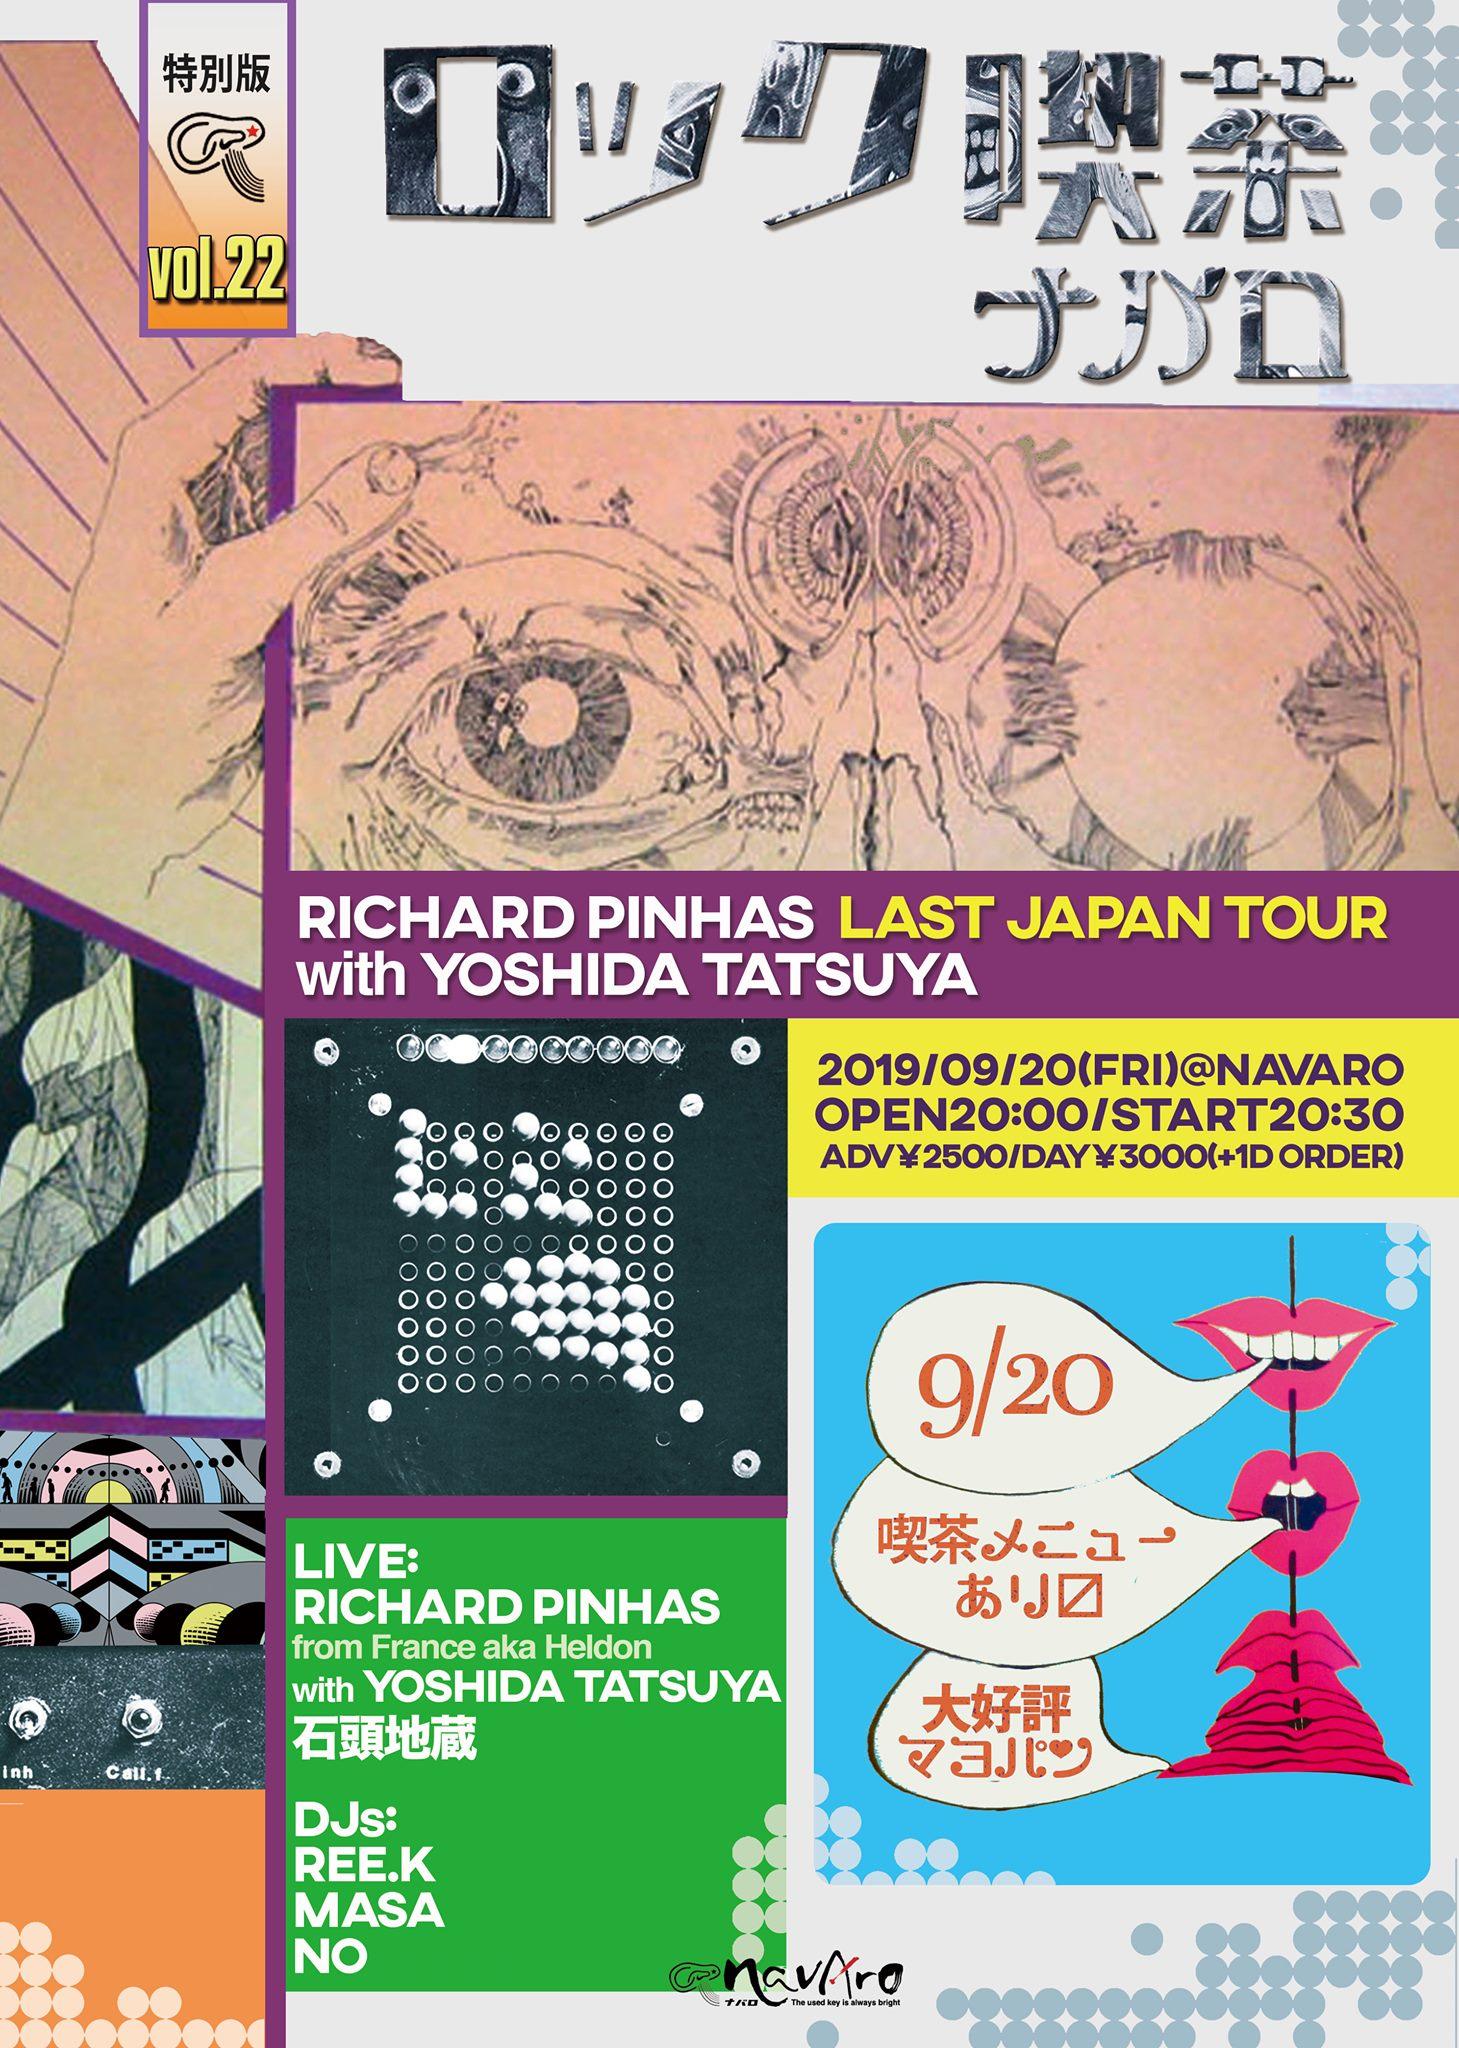 ロック喫茶ナバロ SP  RICHARD PINHAS LAST JAPAN TOUR with YOSHIDA TATSUYAチラシ1